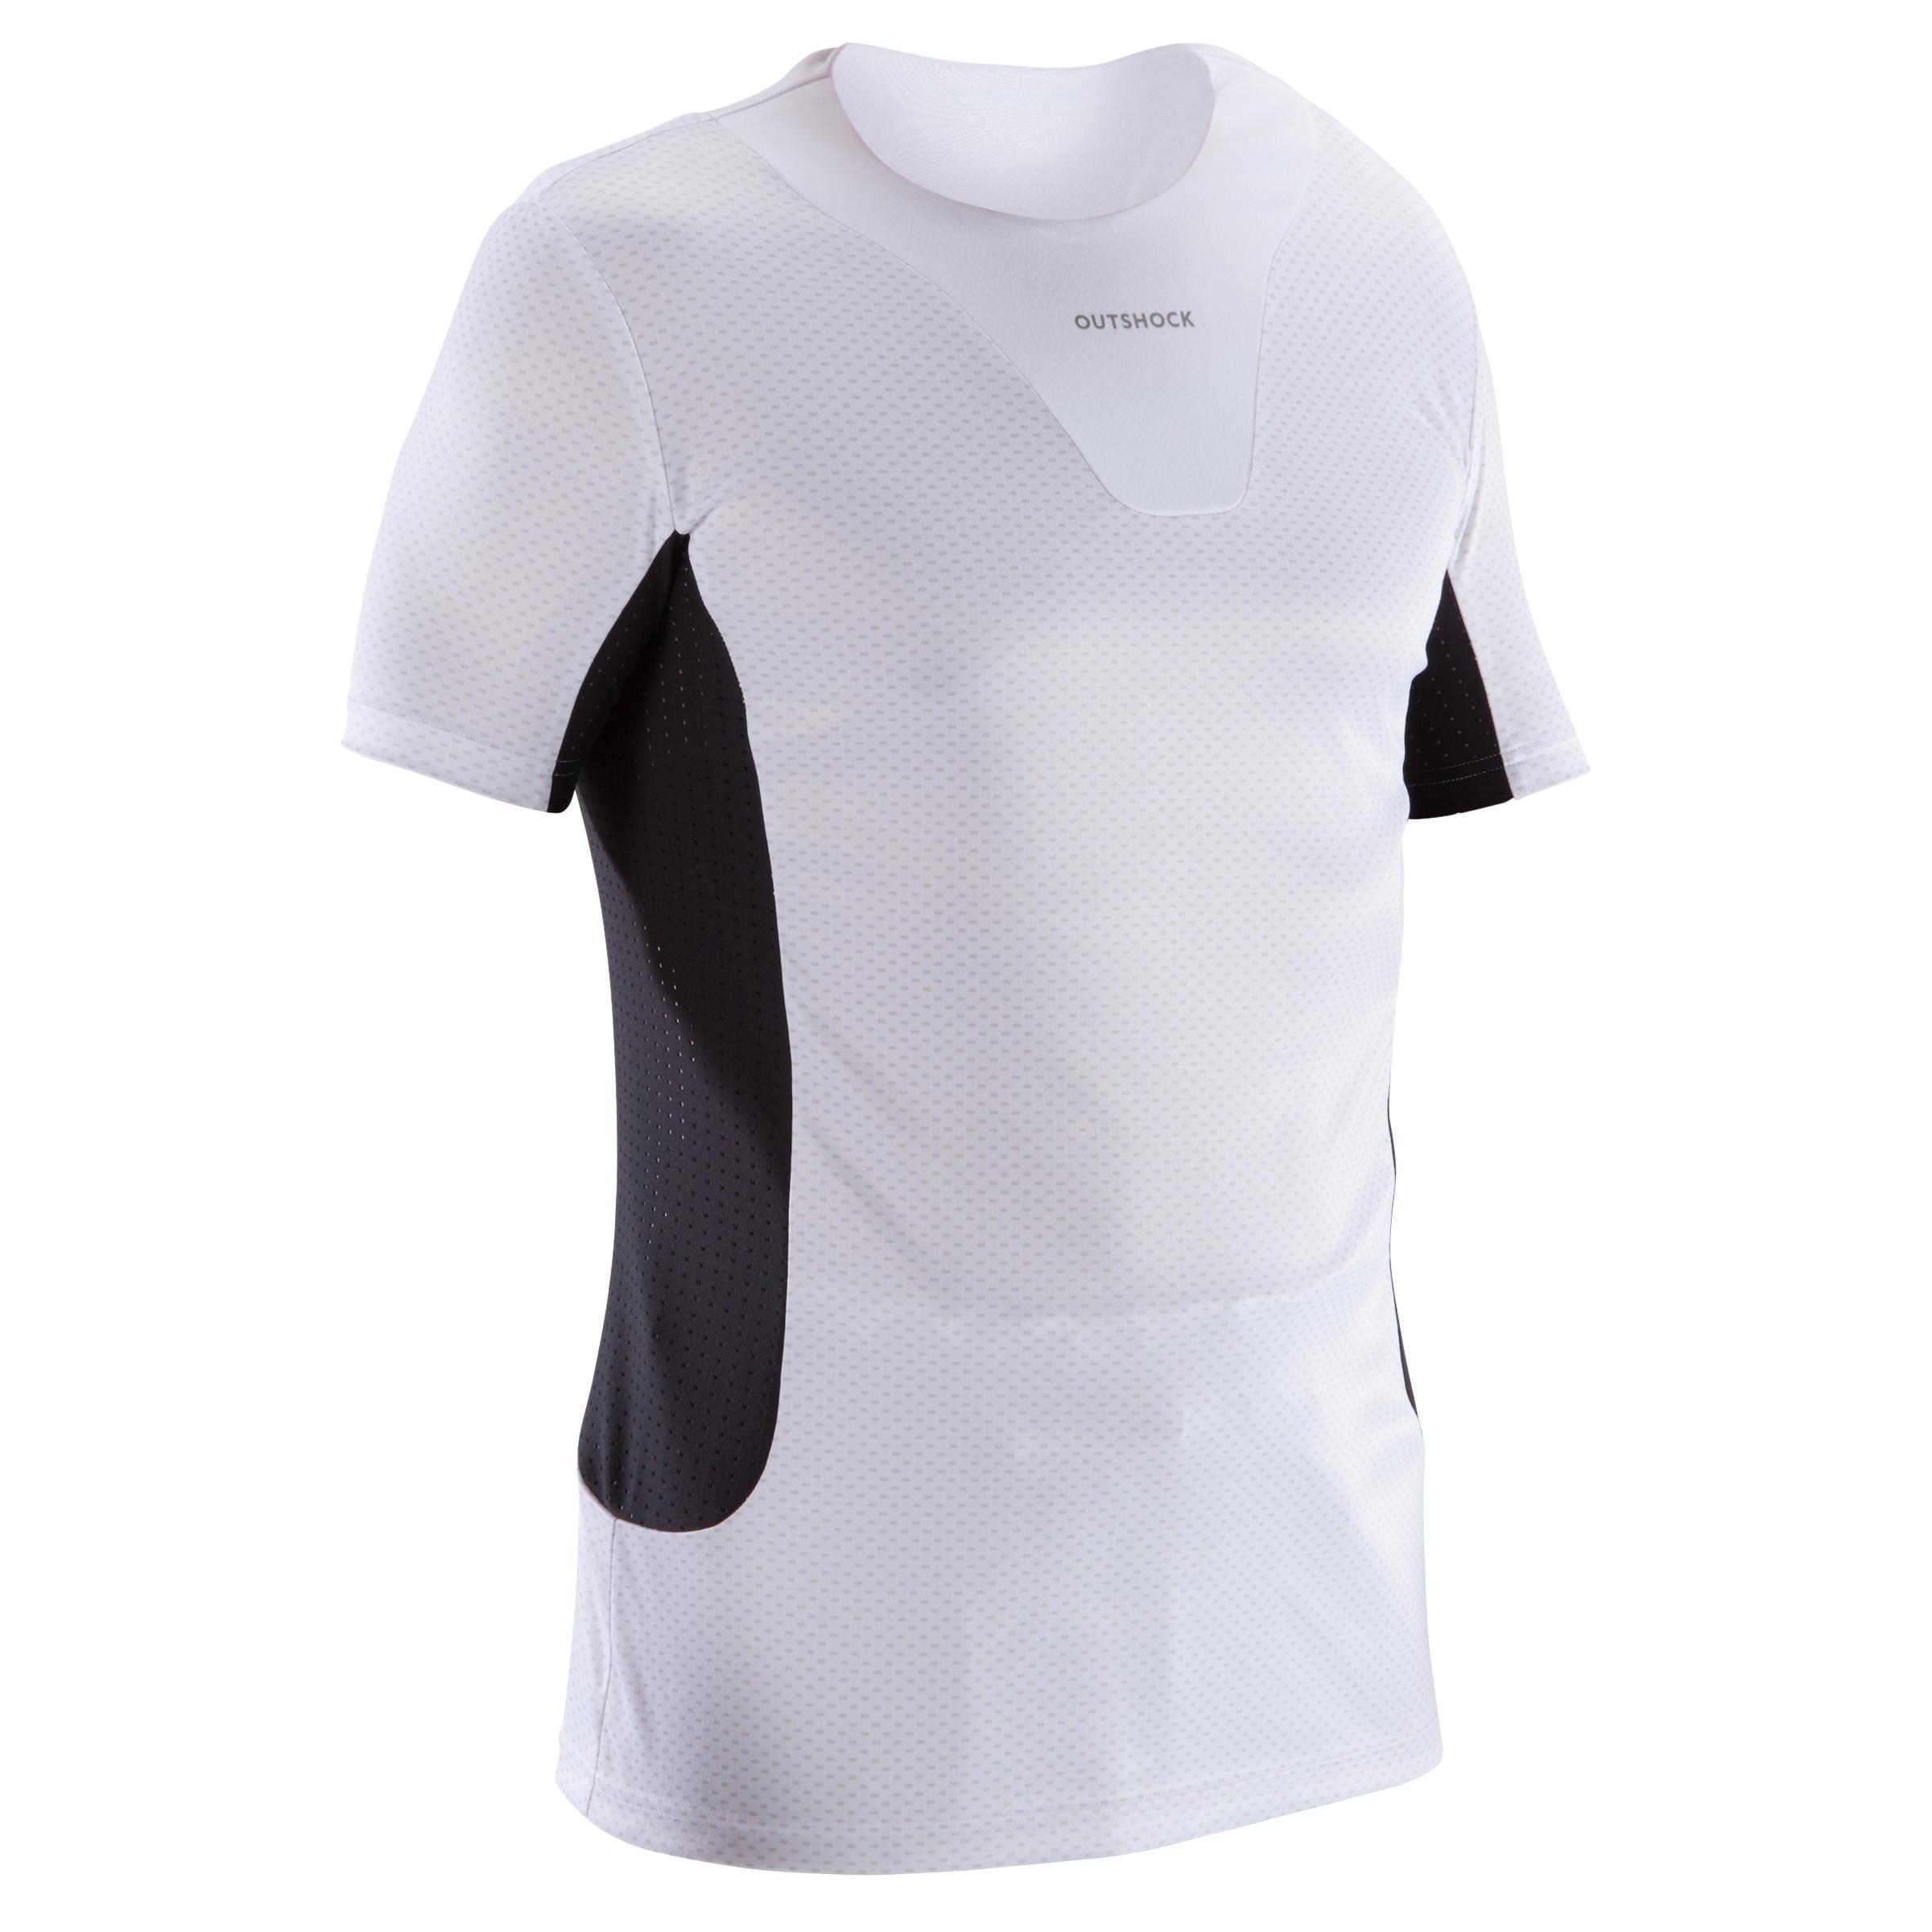 Outshock T-shirt onderkleding judo voor volwassenen wit en zwart thumbnail